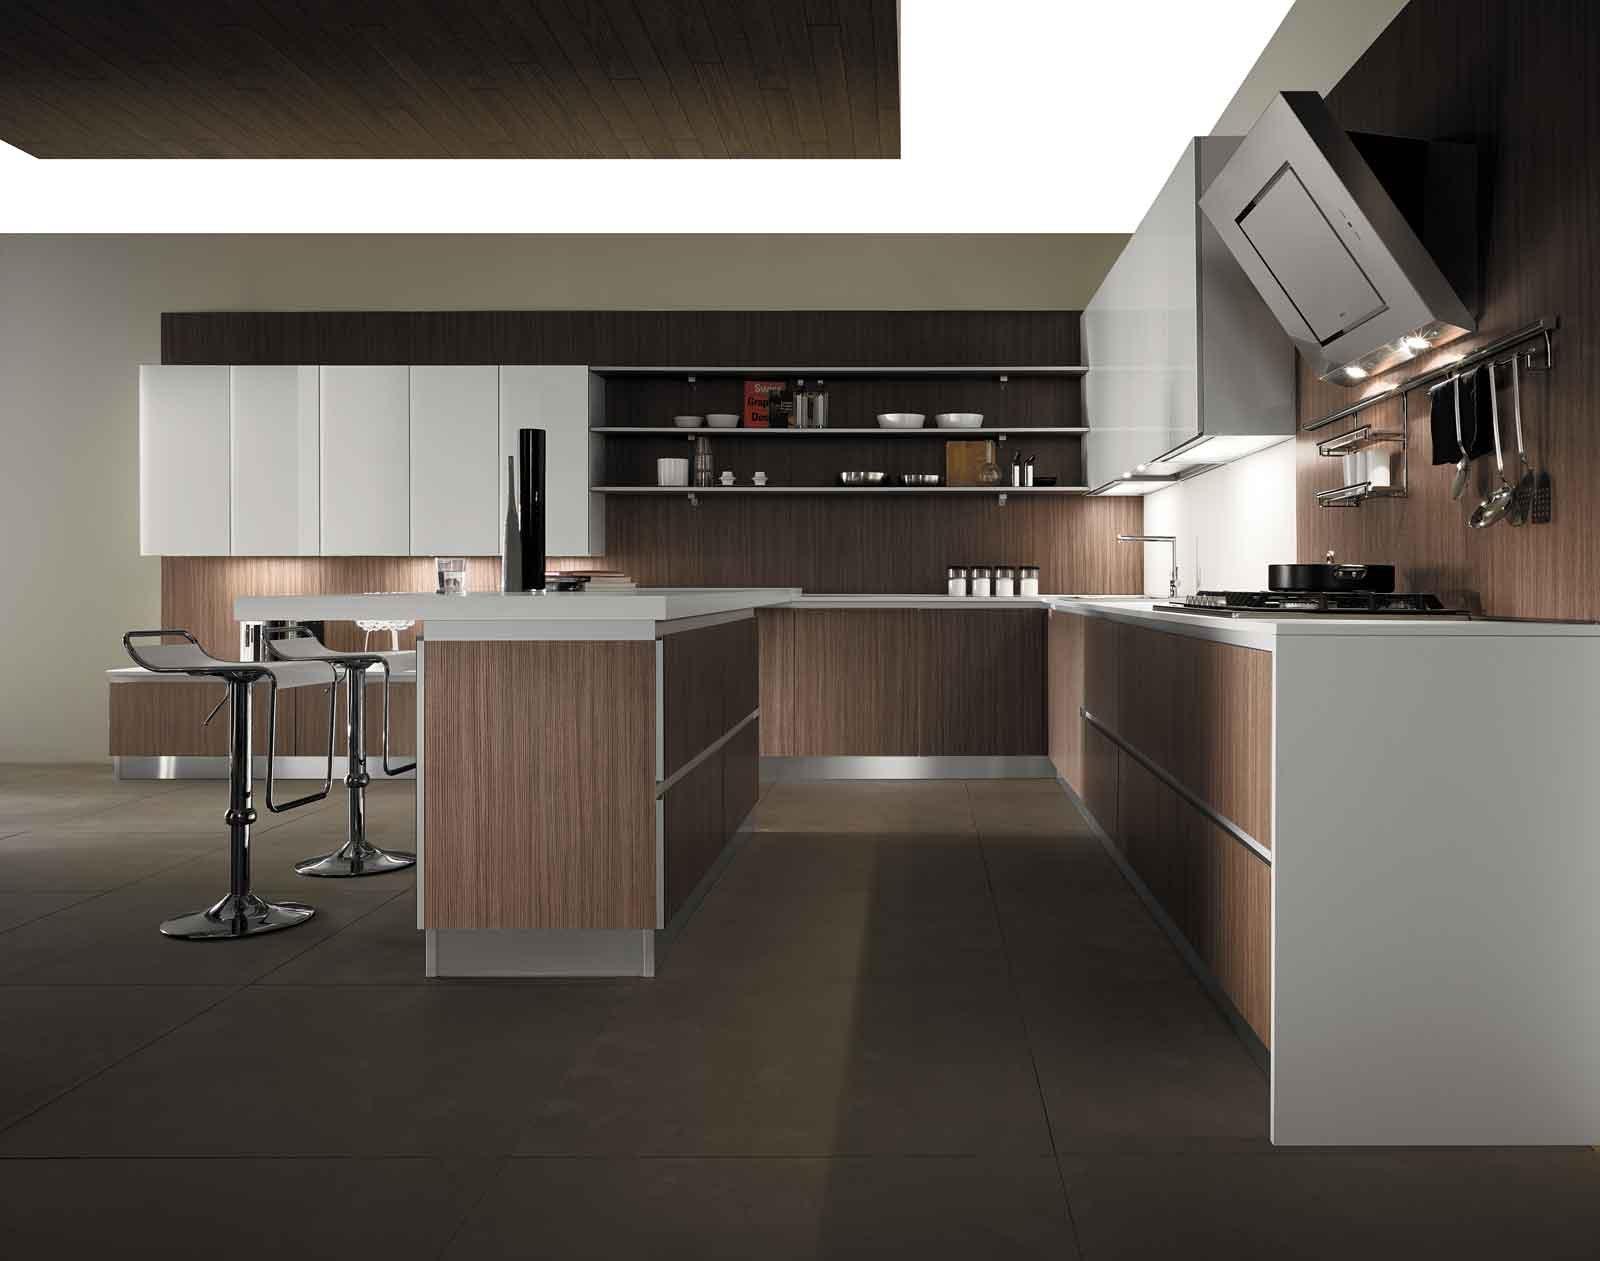 Cucine con elementi a boiserie cose di casa - Cucine mobilturi opinioni ...